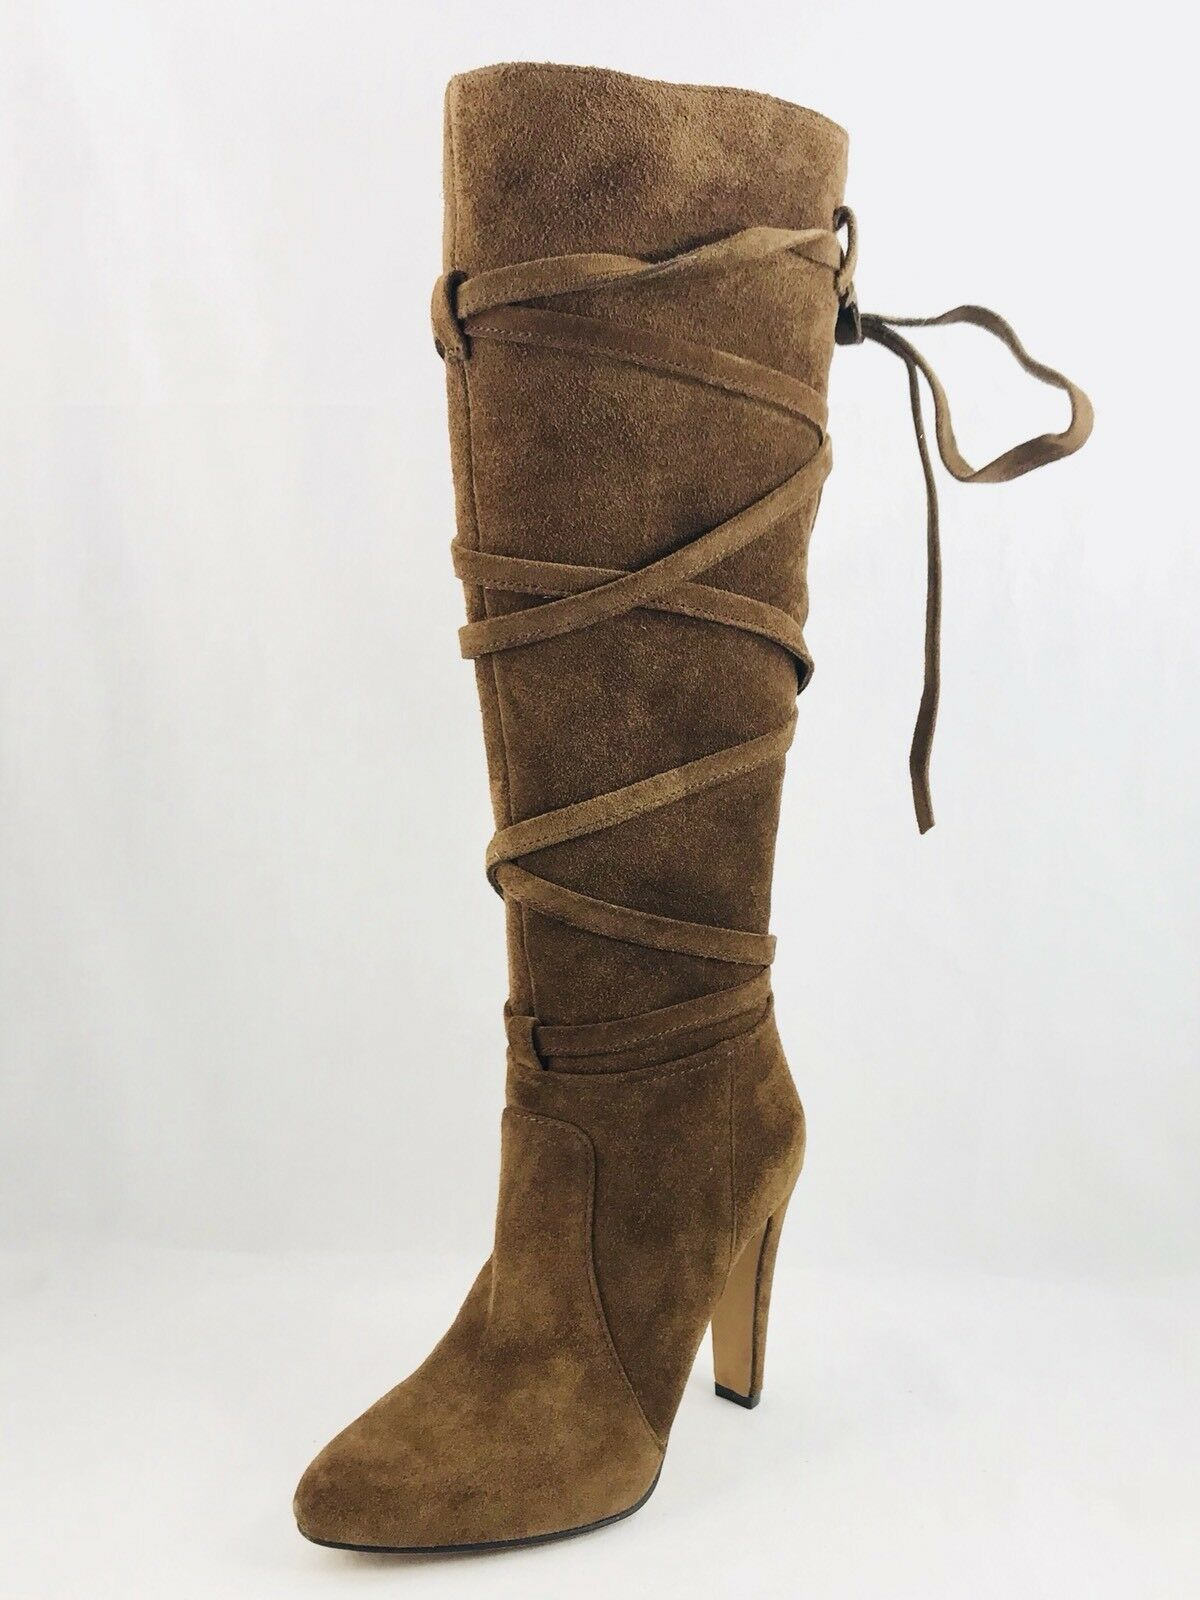 Vince Camuto Millay Damens Round Toe Suede Braun 6.5 Knee High Boot Größe 6.5 Braun 12b85b